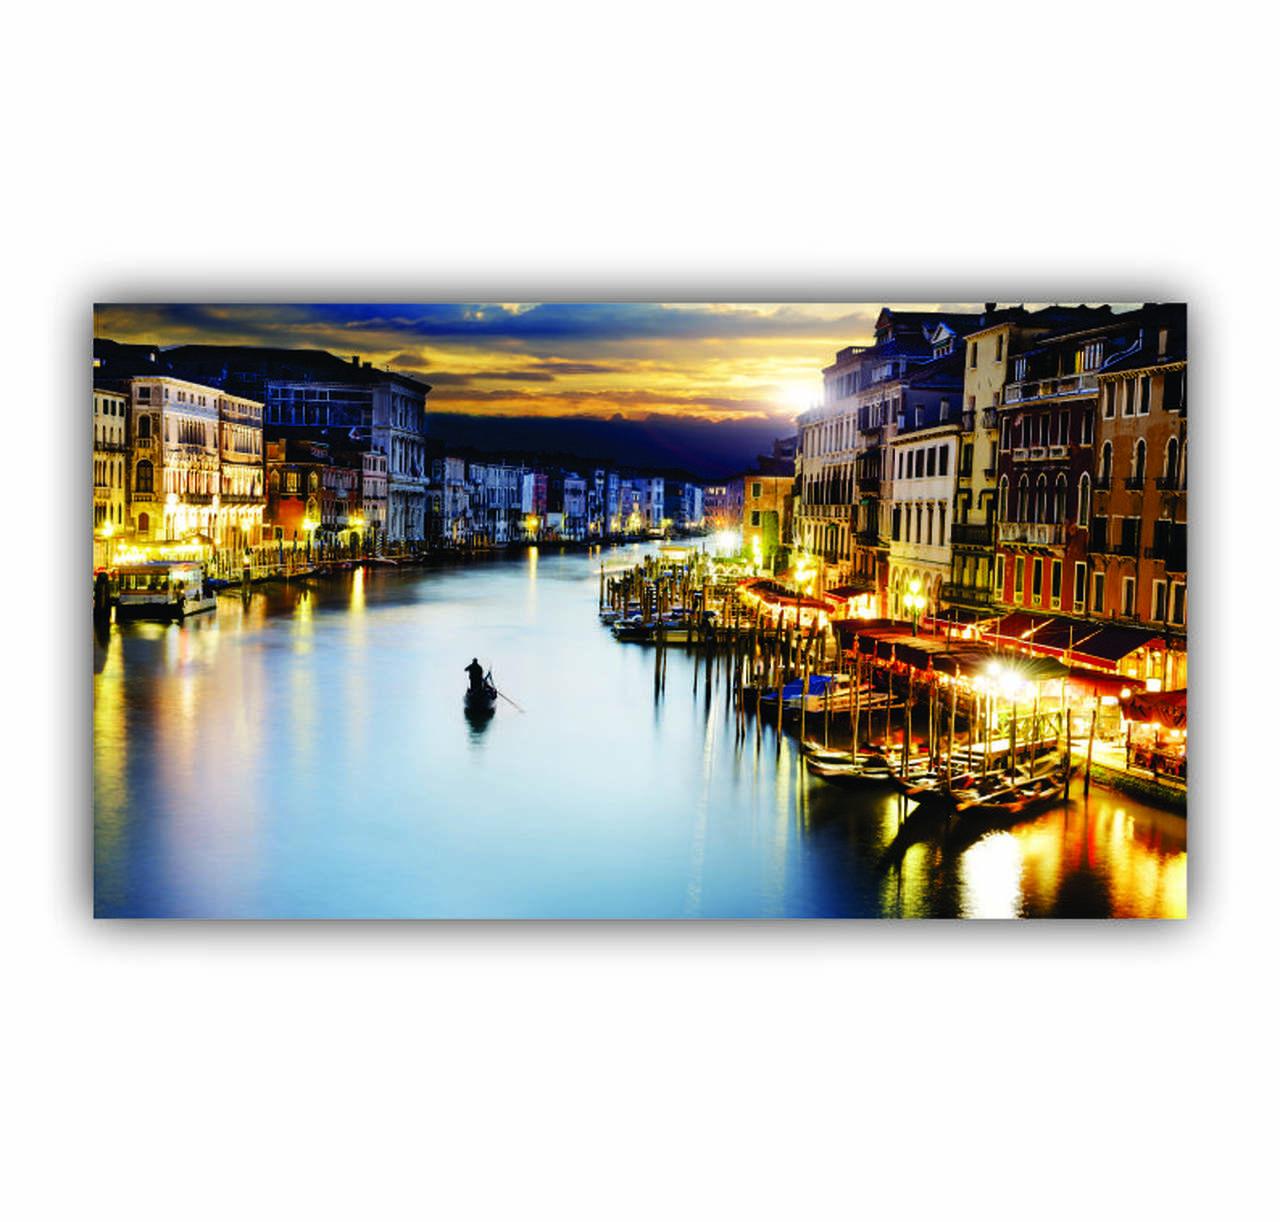 Quadro Rio em Veneza - Tela Única